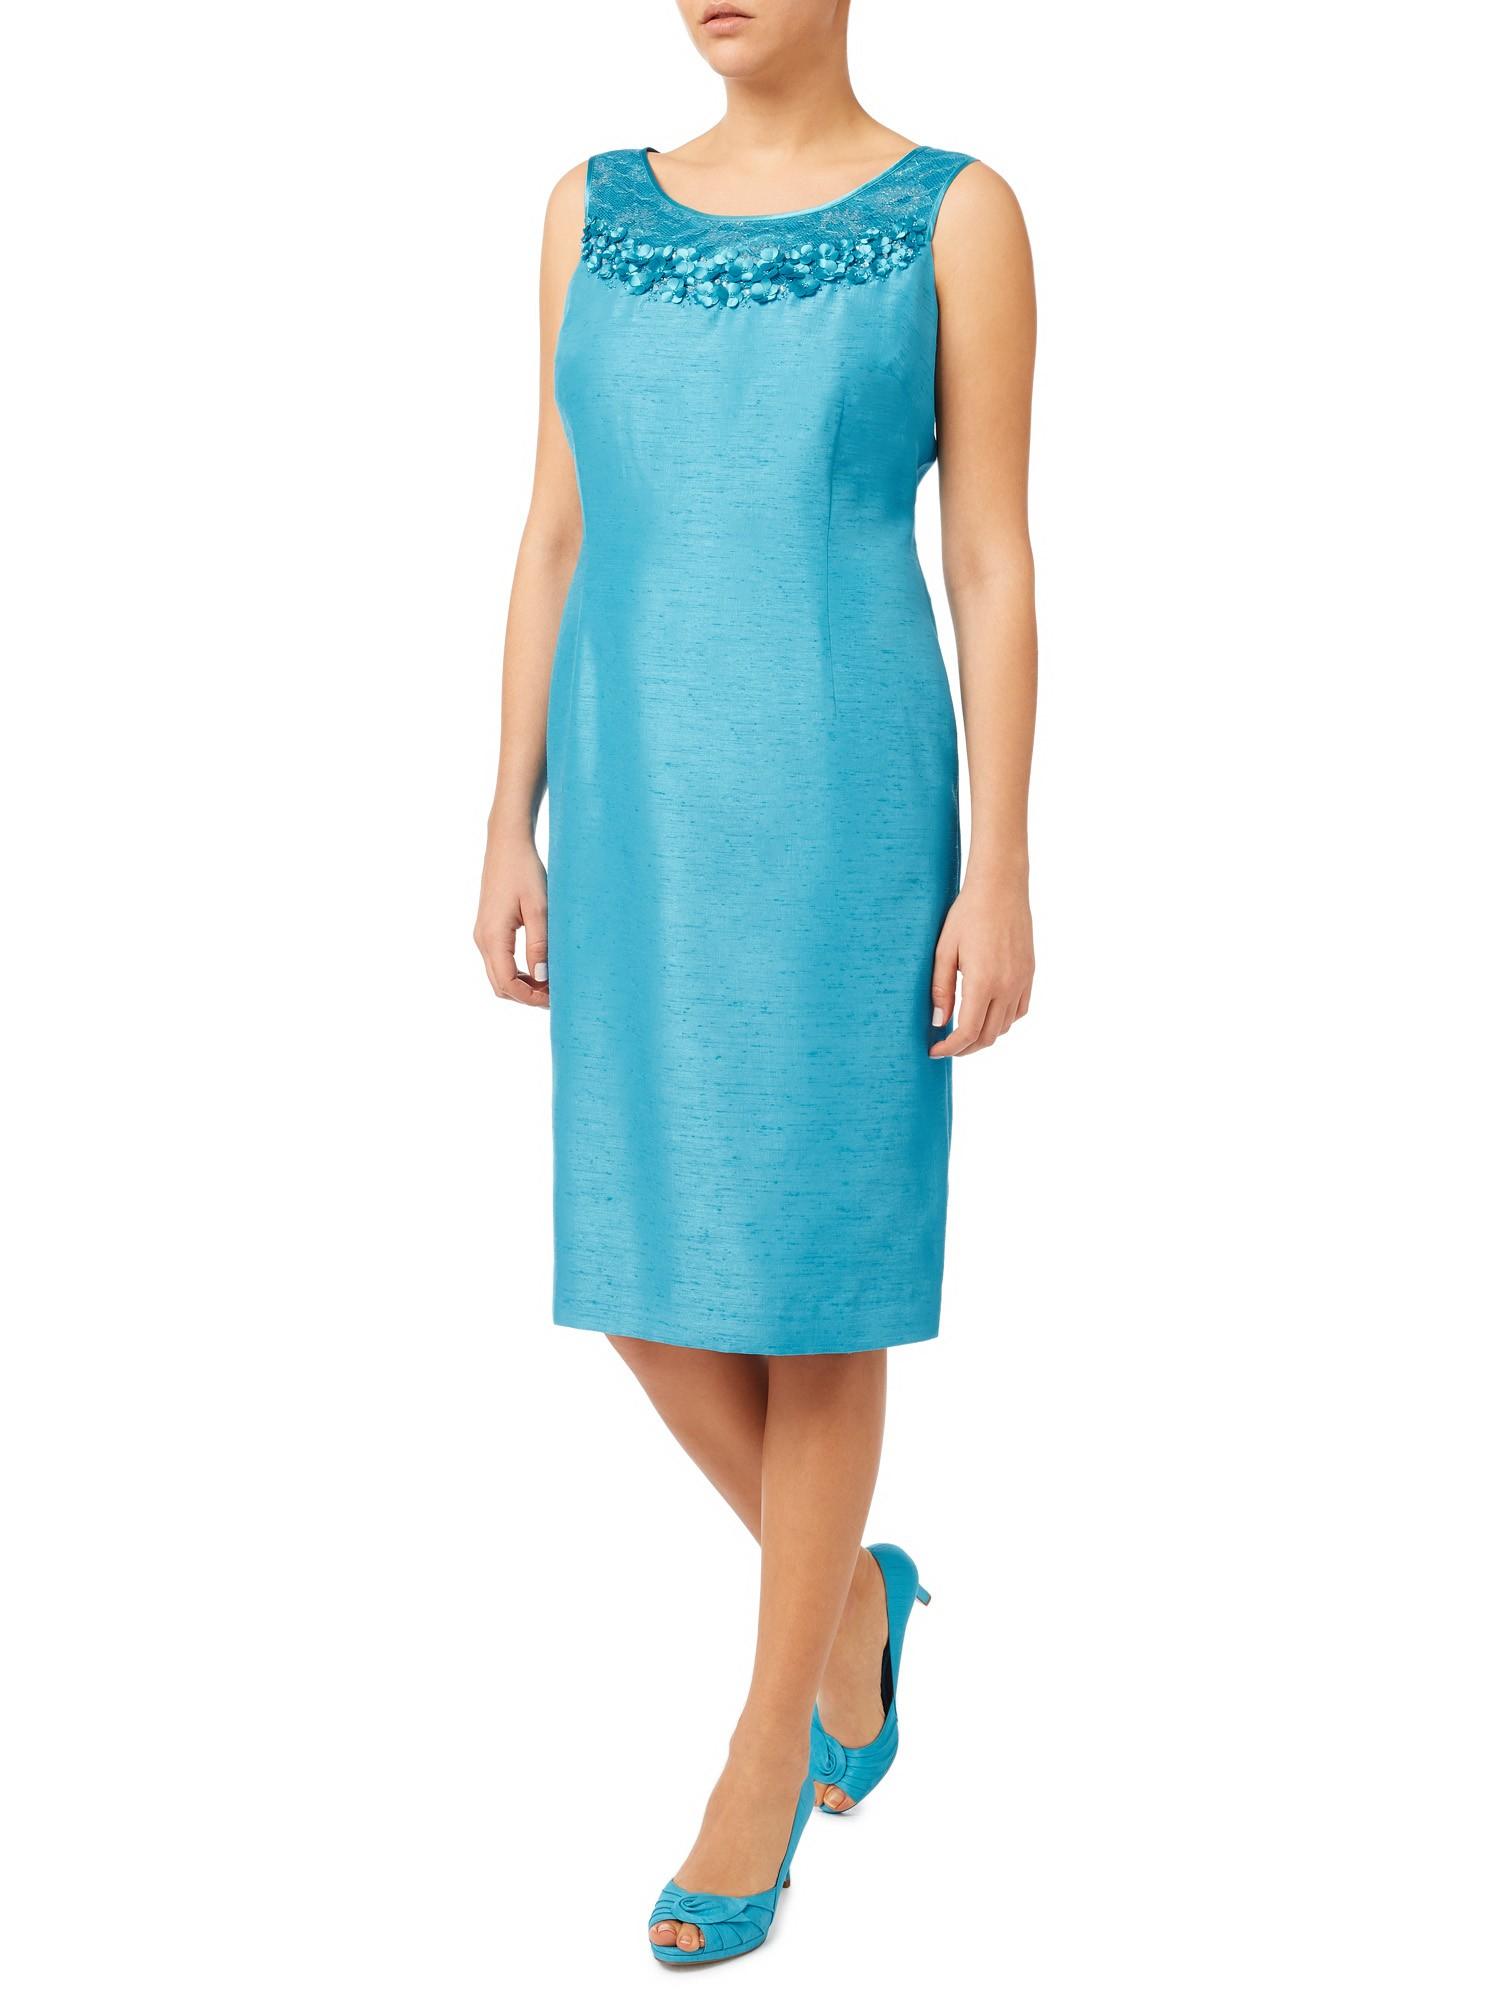 56ecd46afdc2d jacques-vert-mid-blue-embellished -yolk-dress-blue-product-0-718989868-normal.jpeg